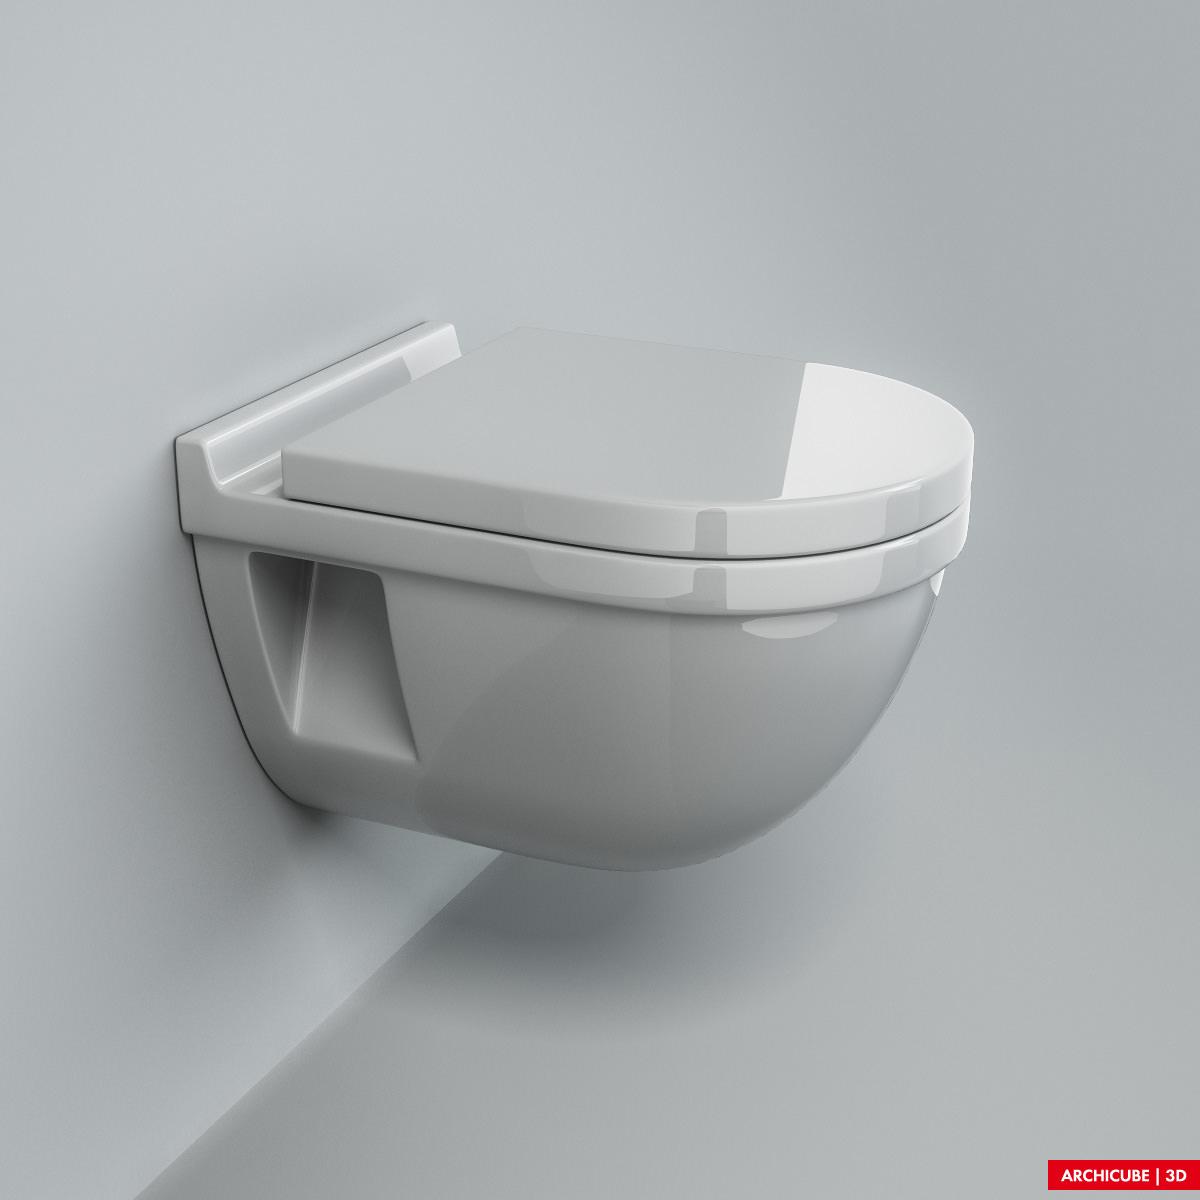 Toilet 06 3d model max obj fbx - Toilet model ...